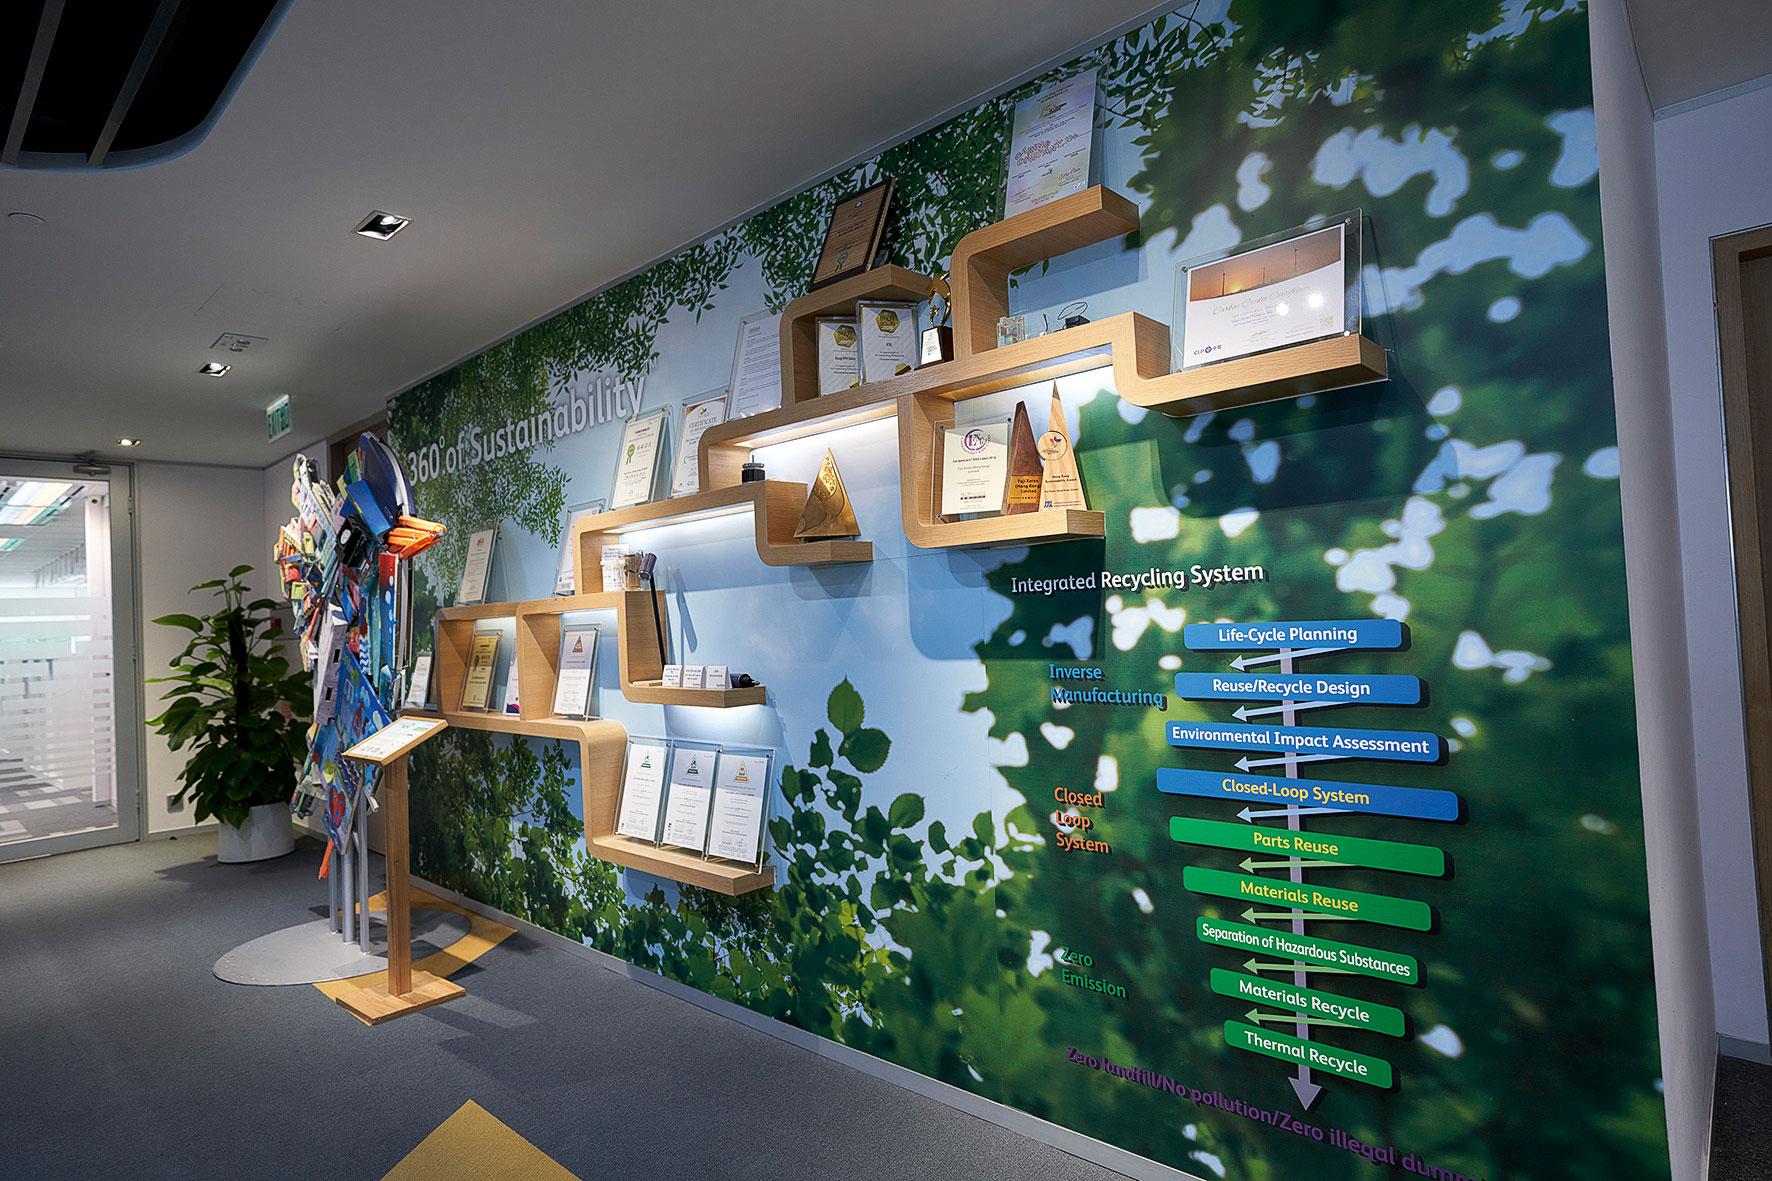 FUJIFILM BI HK多年來一直在環保領域進行研究、開發和投放資源,同時非常重視永續發展,致力為企業達至綠色辦公室。